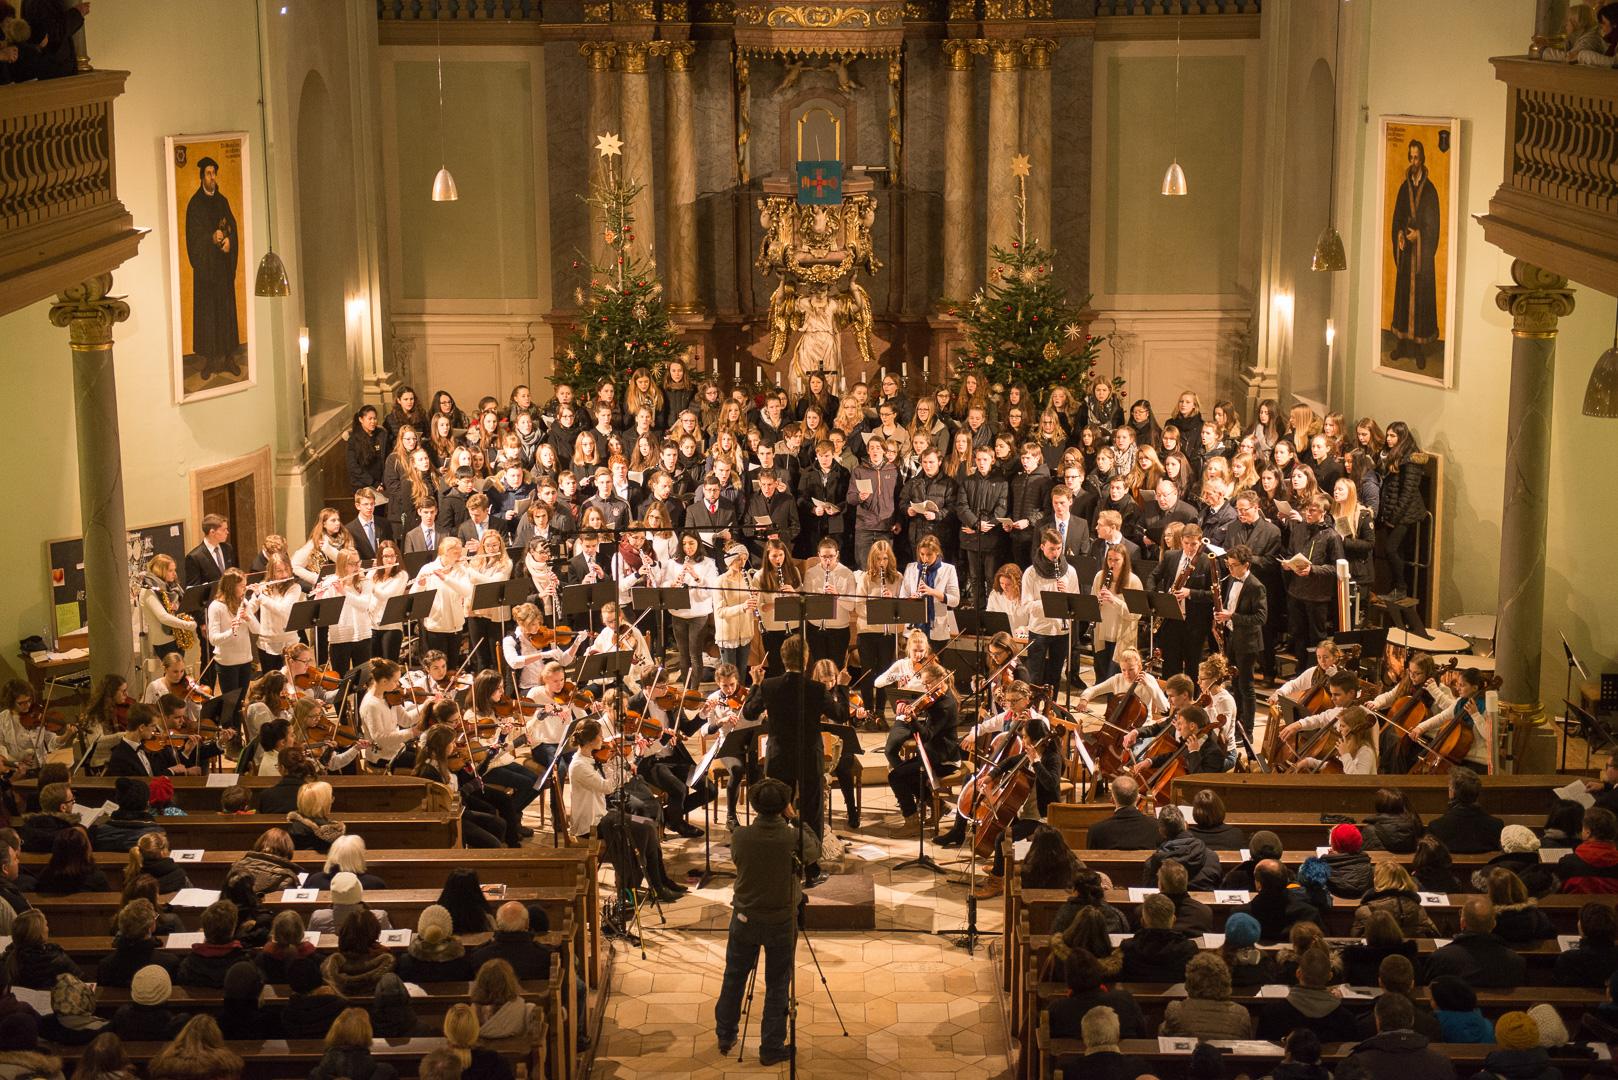 Barockkonzert - 50 Jahre CEG - 22.01.2016